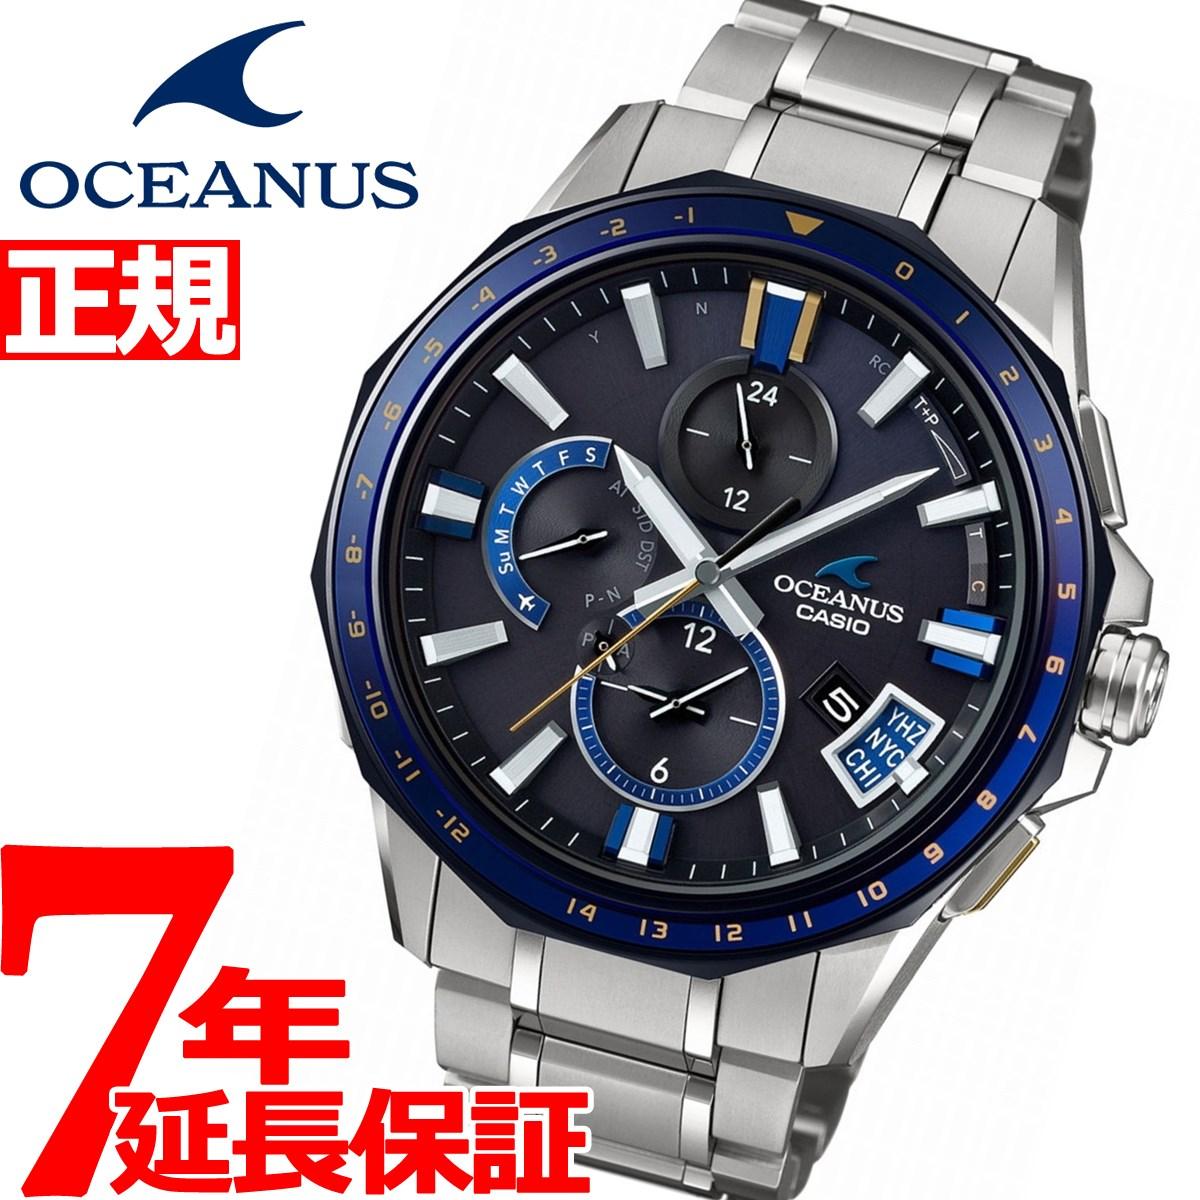 カシオ オシアナス CASIO OCEANUS Bluetooth搭載 GPS 電波 ソーラー 電波時計 腕時計 メンズ タフソーラー OCW-G2000G-1AJF